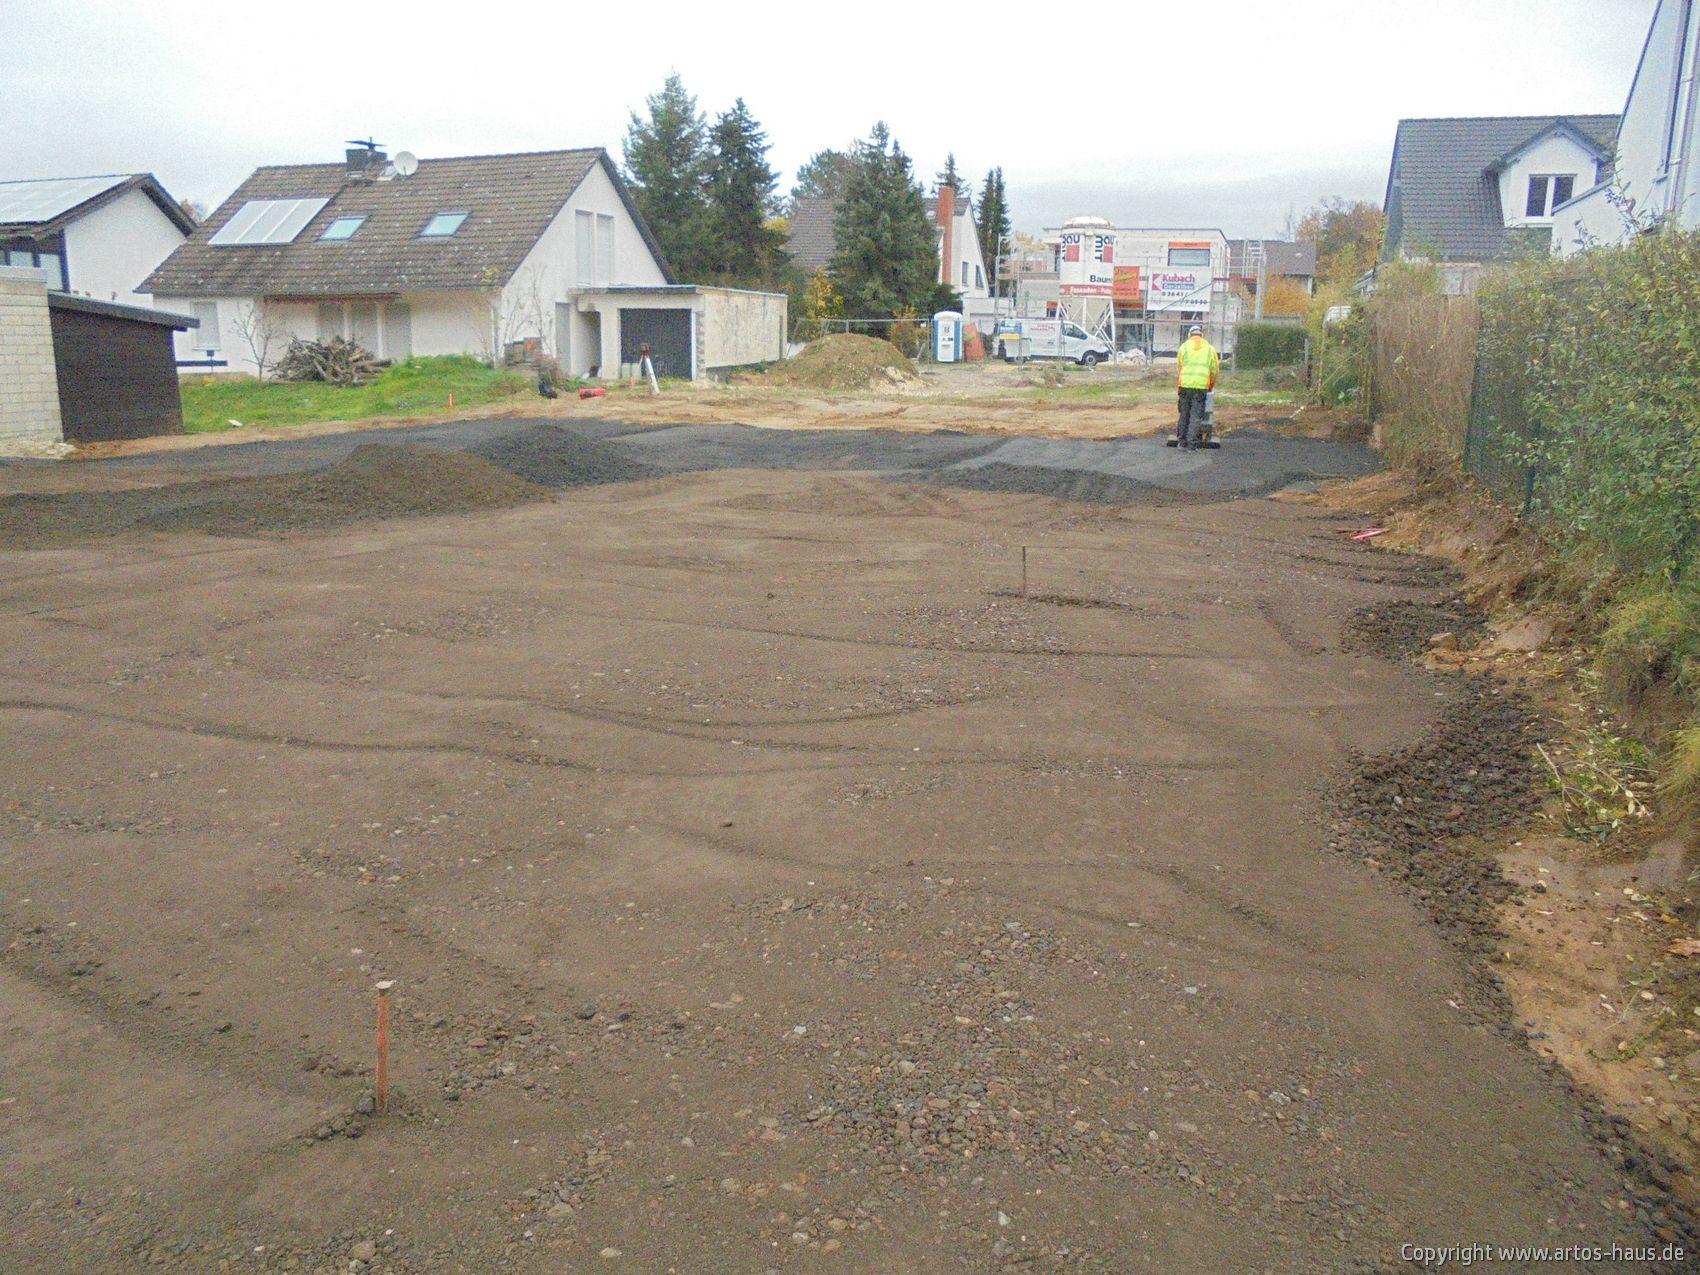 Erdarbeiten ARTOS HAUS, Bauvorhaben EFH mit ELW in Alfter. Bild 2